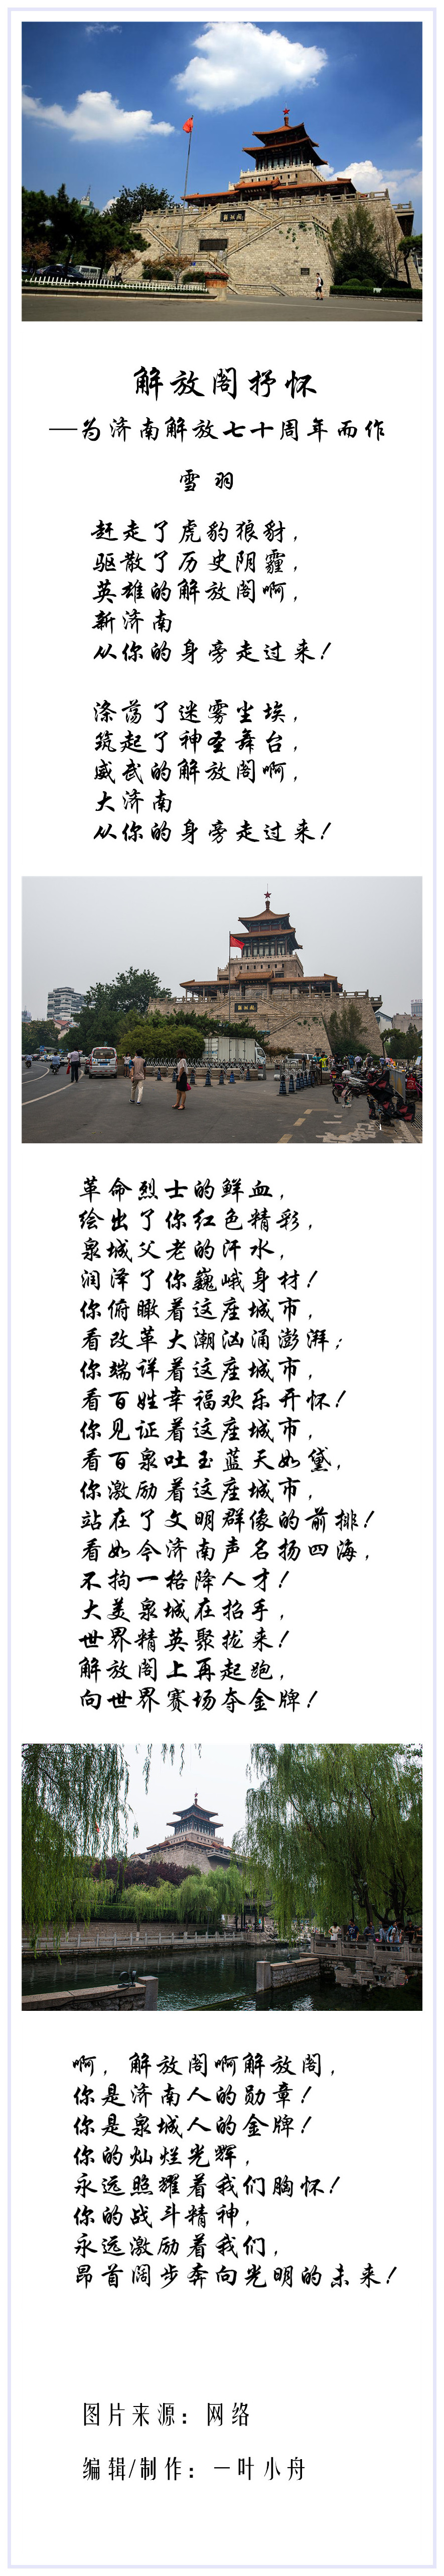 800解放阁诗合成修